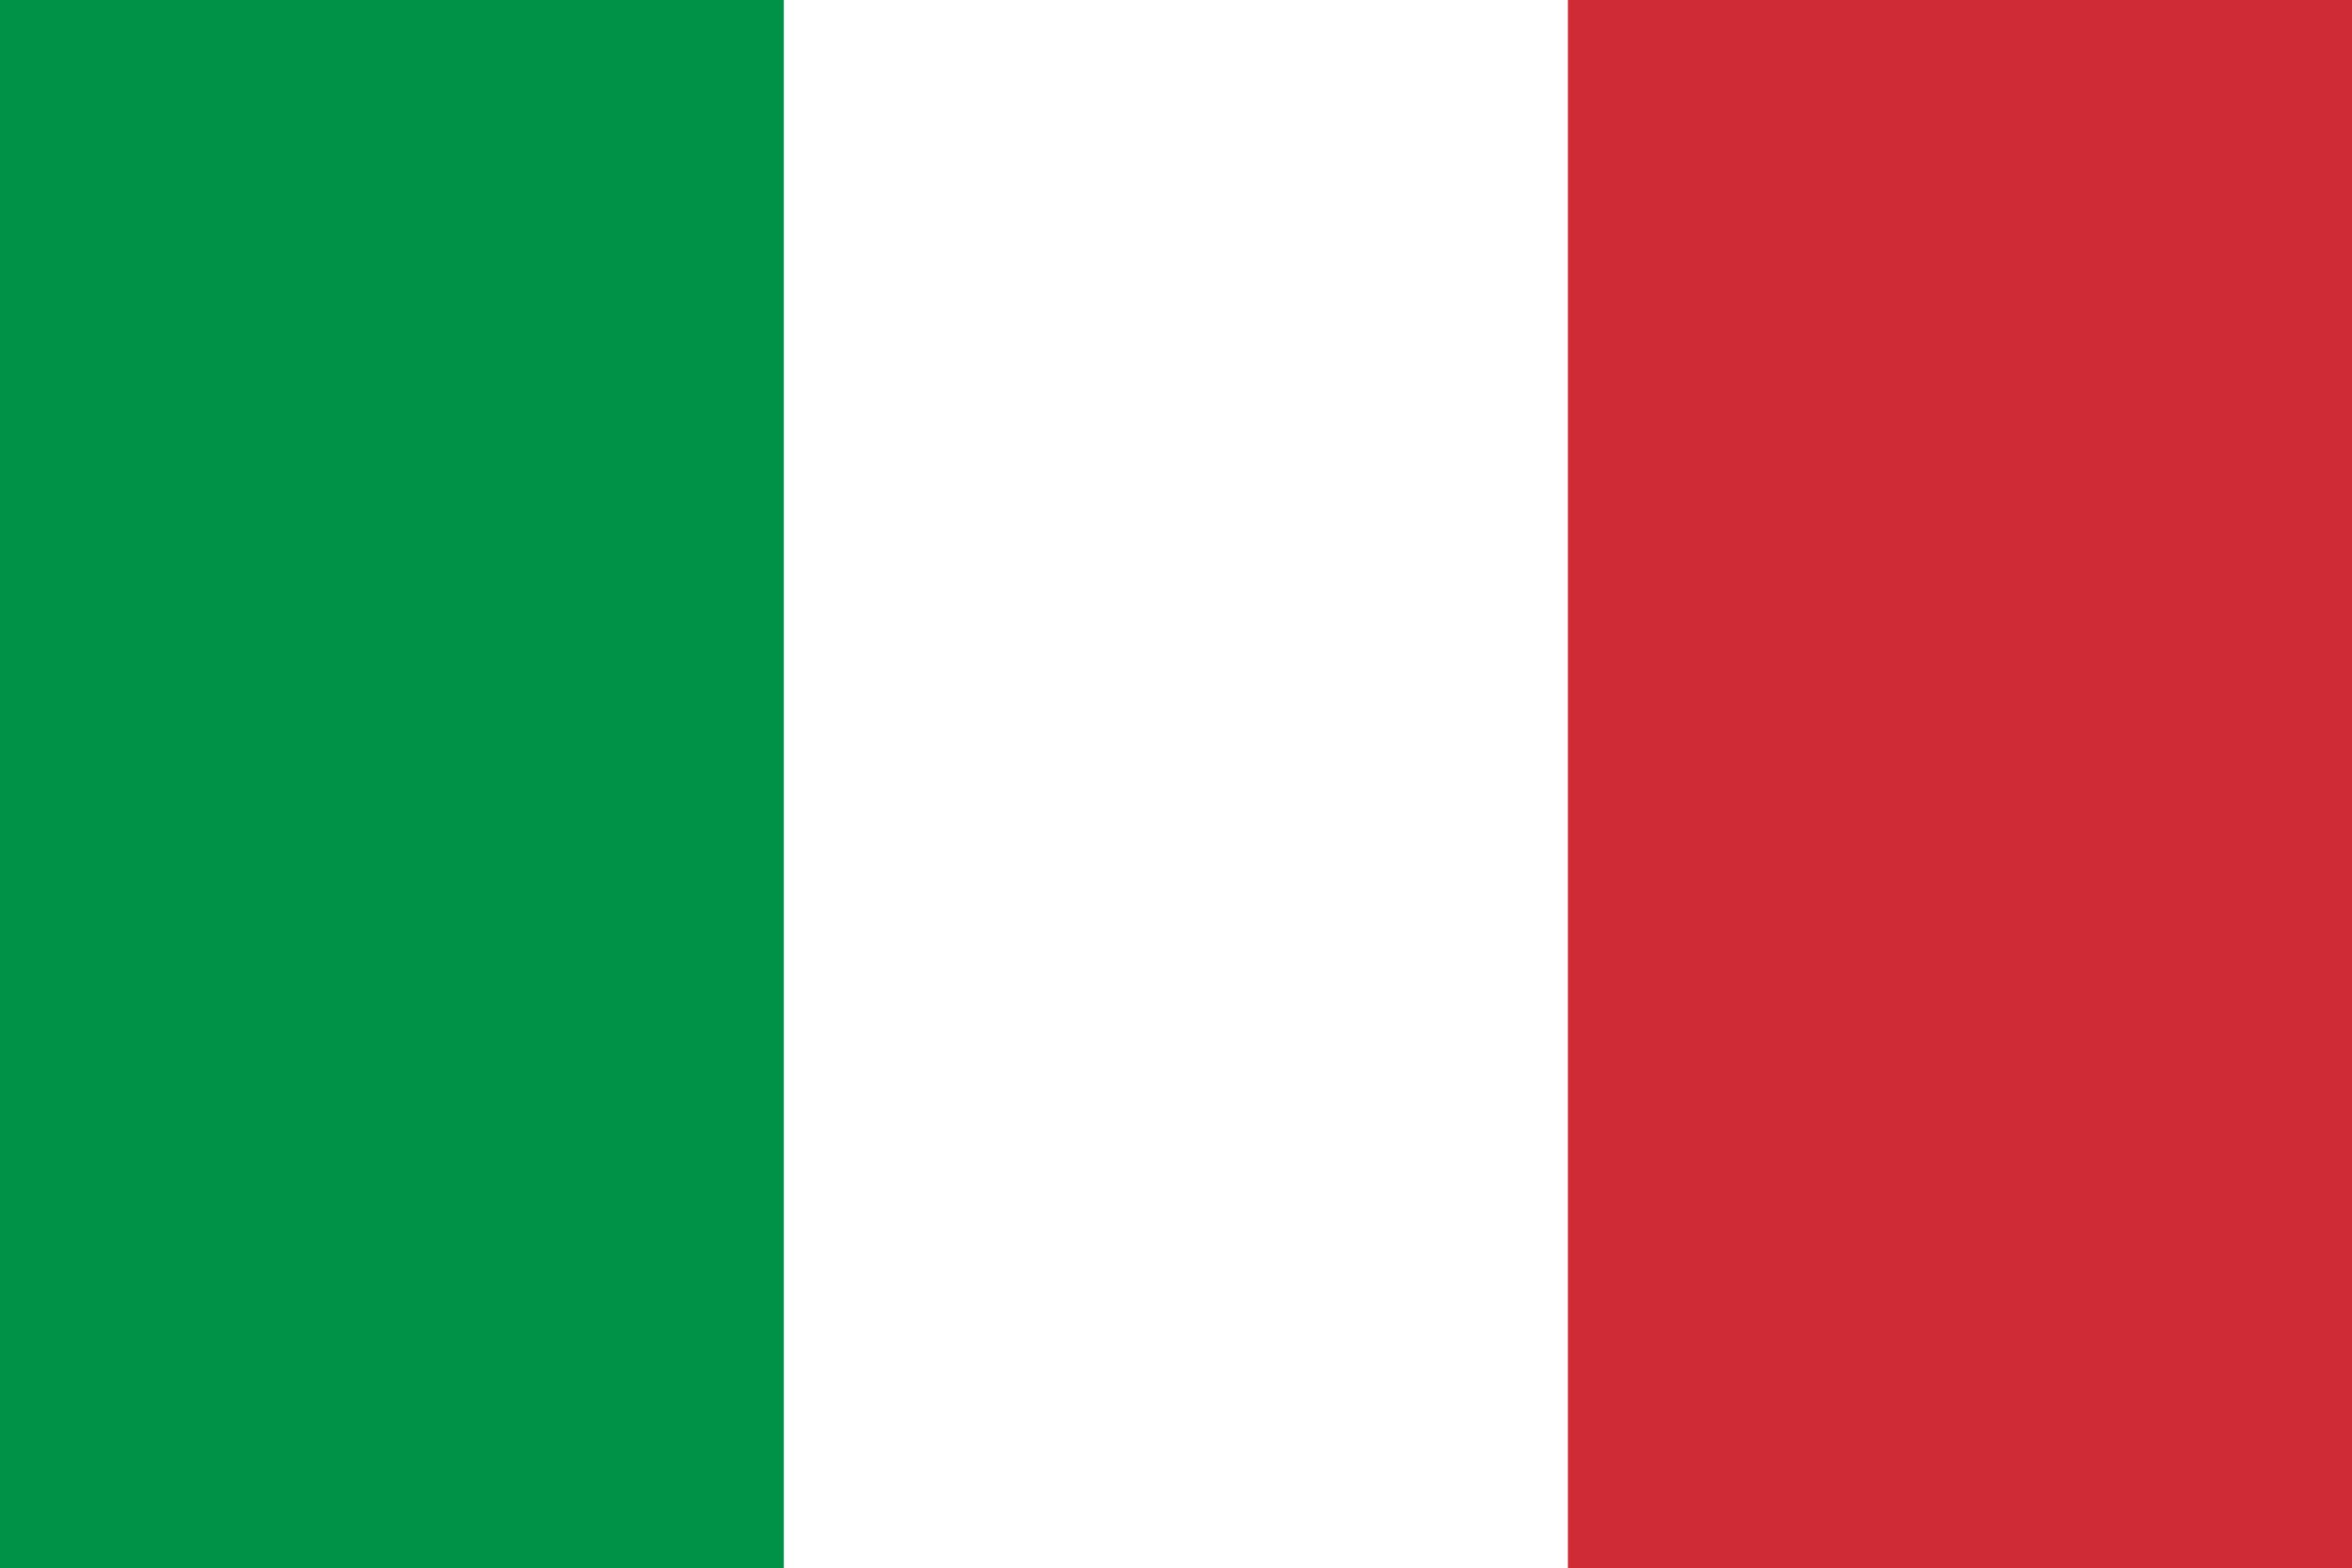 Itália, país, Brasão de armas, logotipo, símbolo - Papéis de parede HD - Professor-falken.com